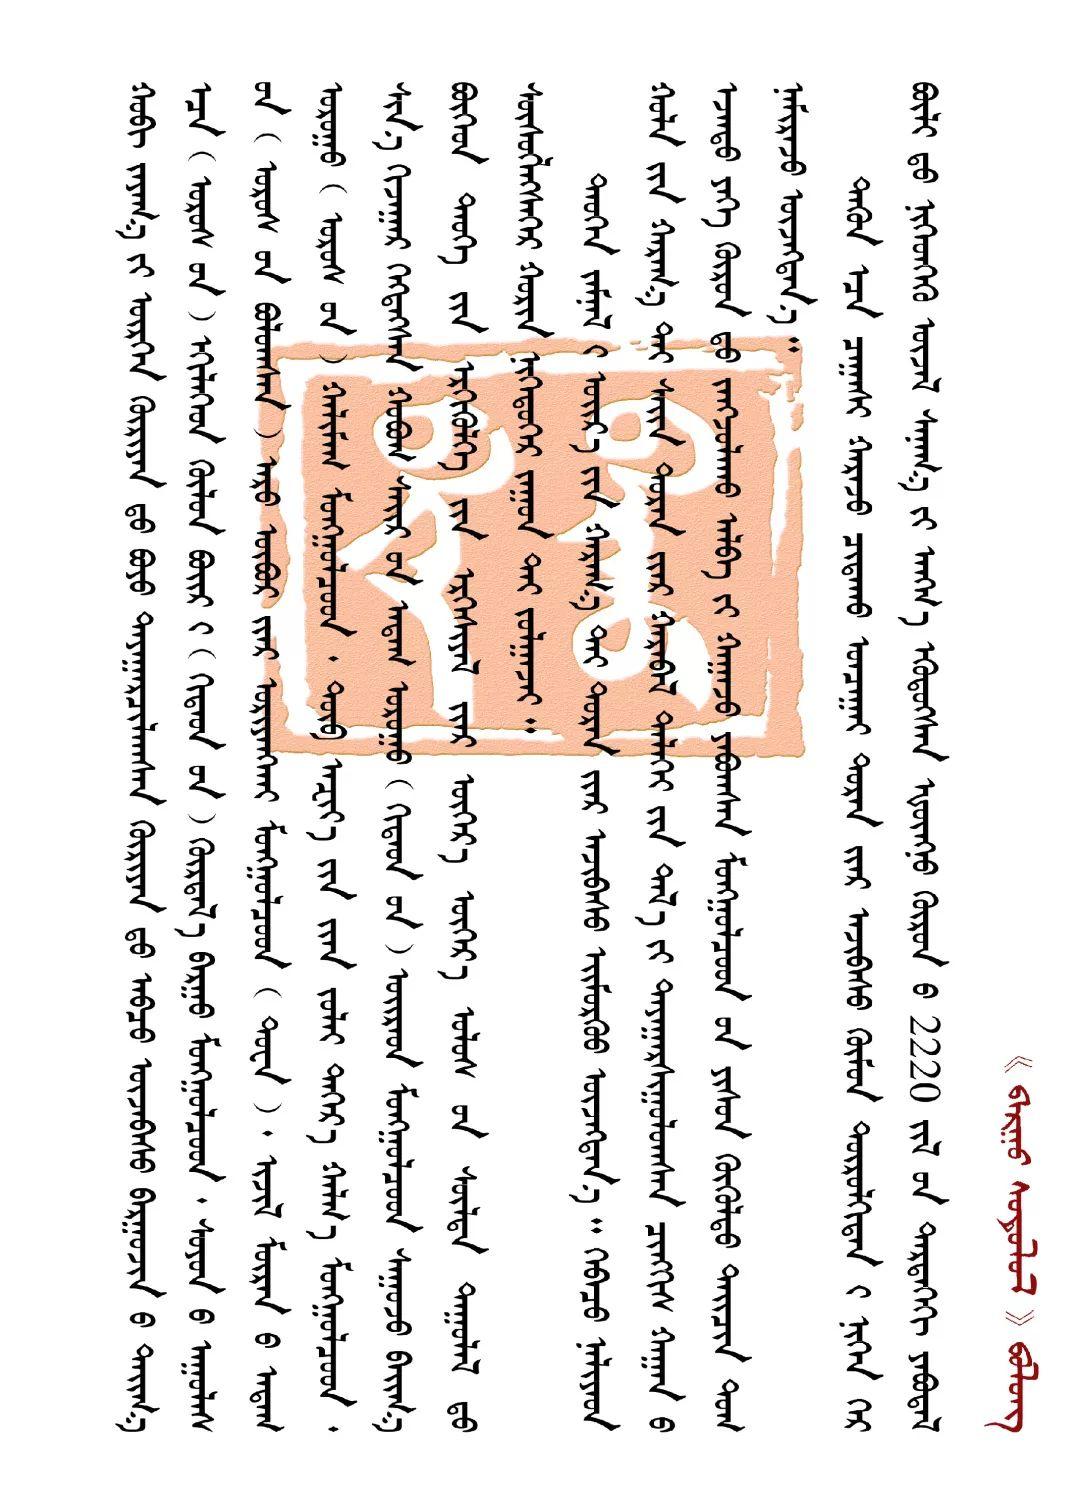 巴尔虎研究 【第三期】 第4张 巴尔虎研究 【第三期】 蒙古文化